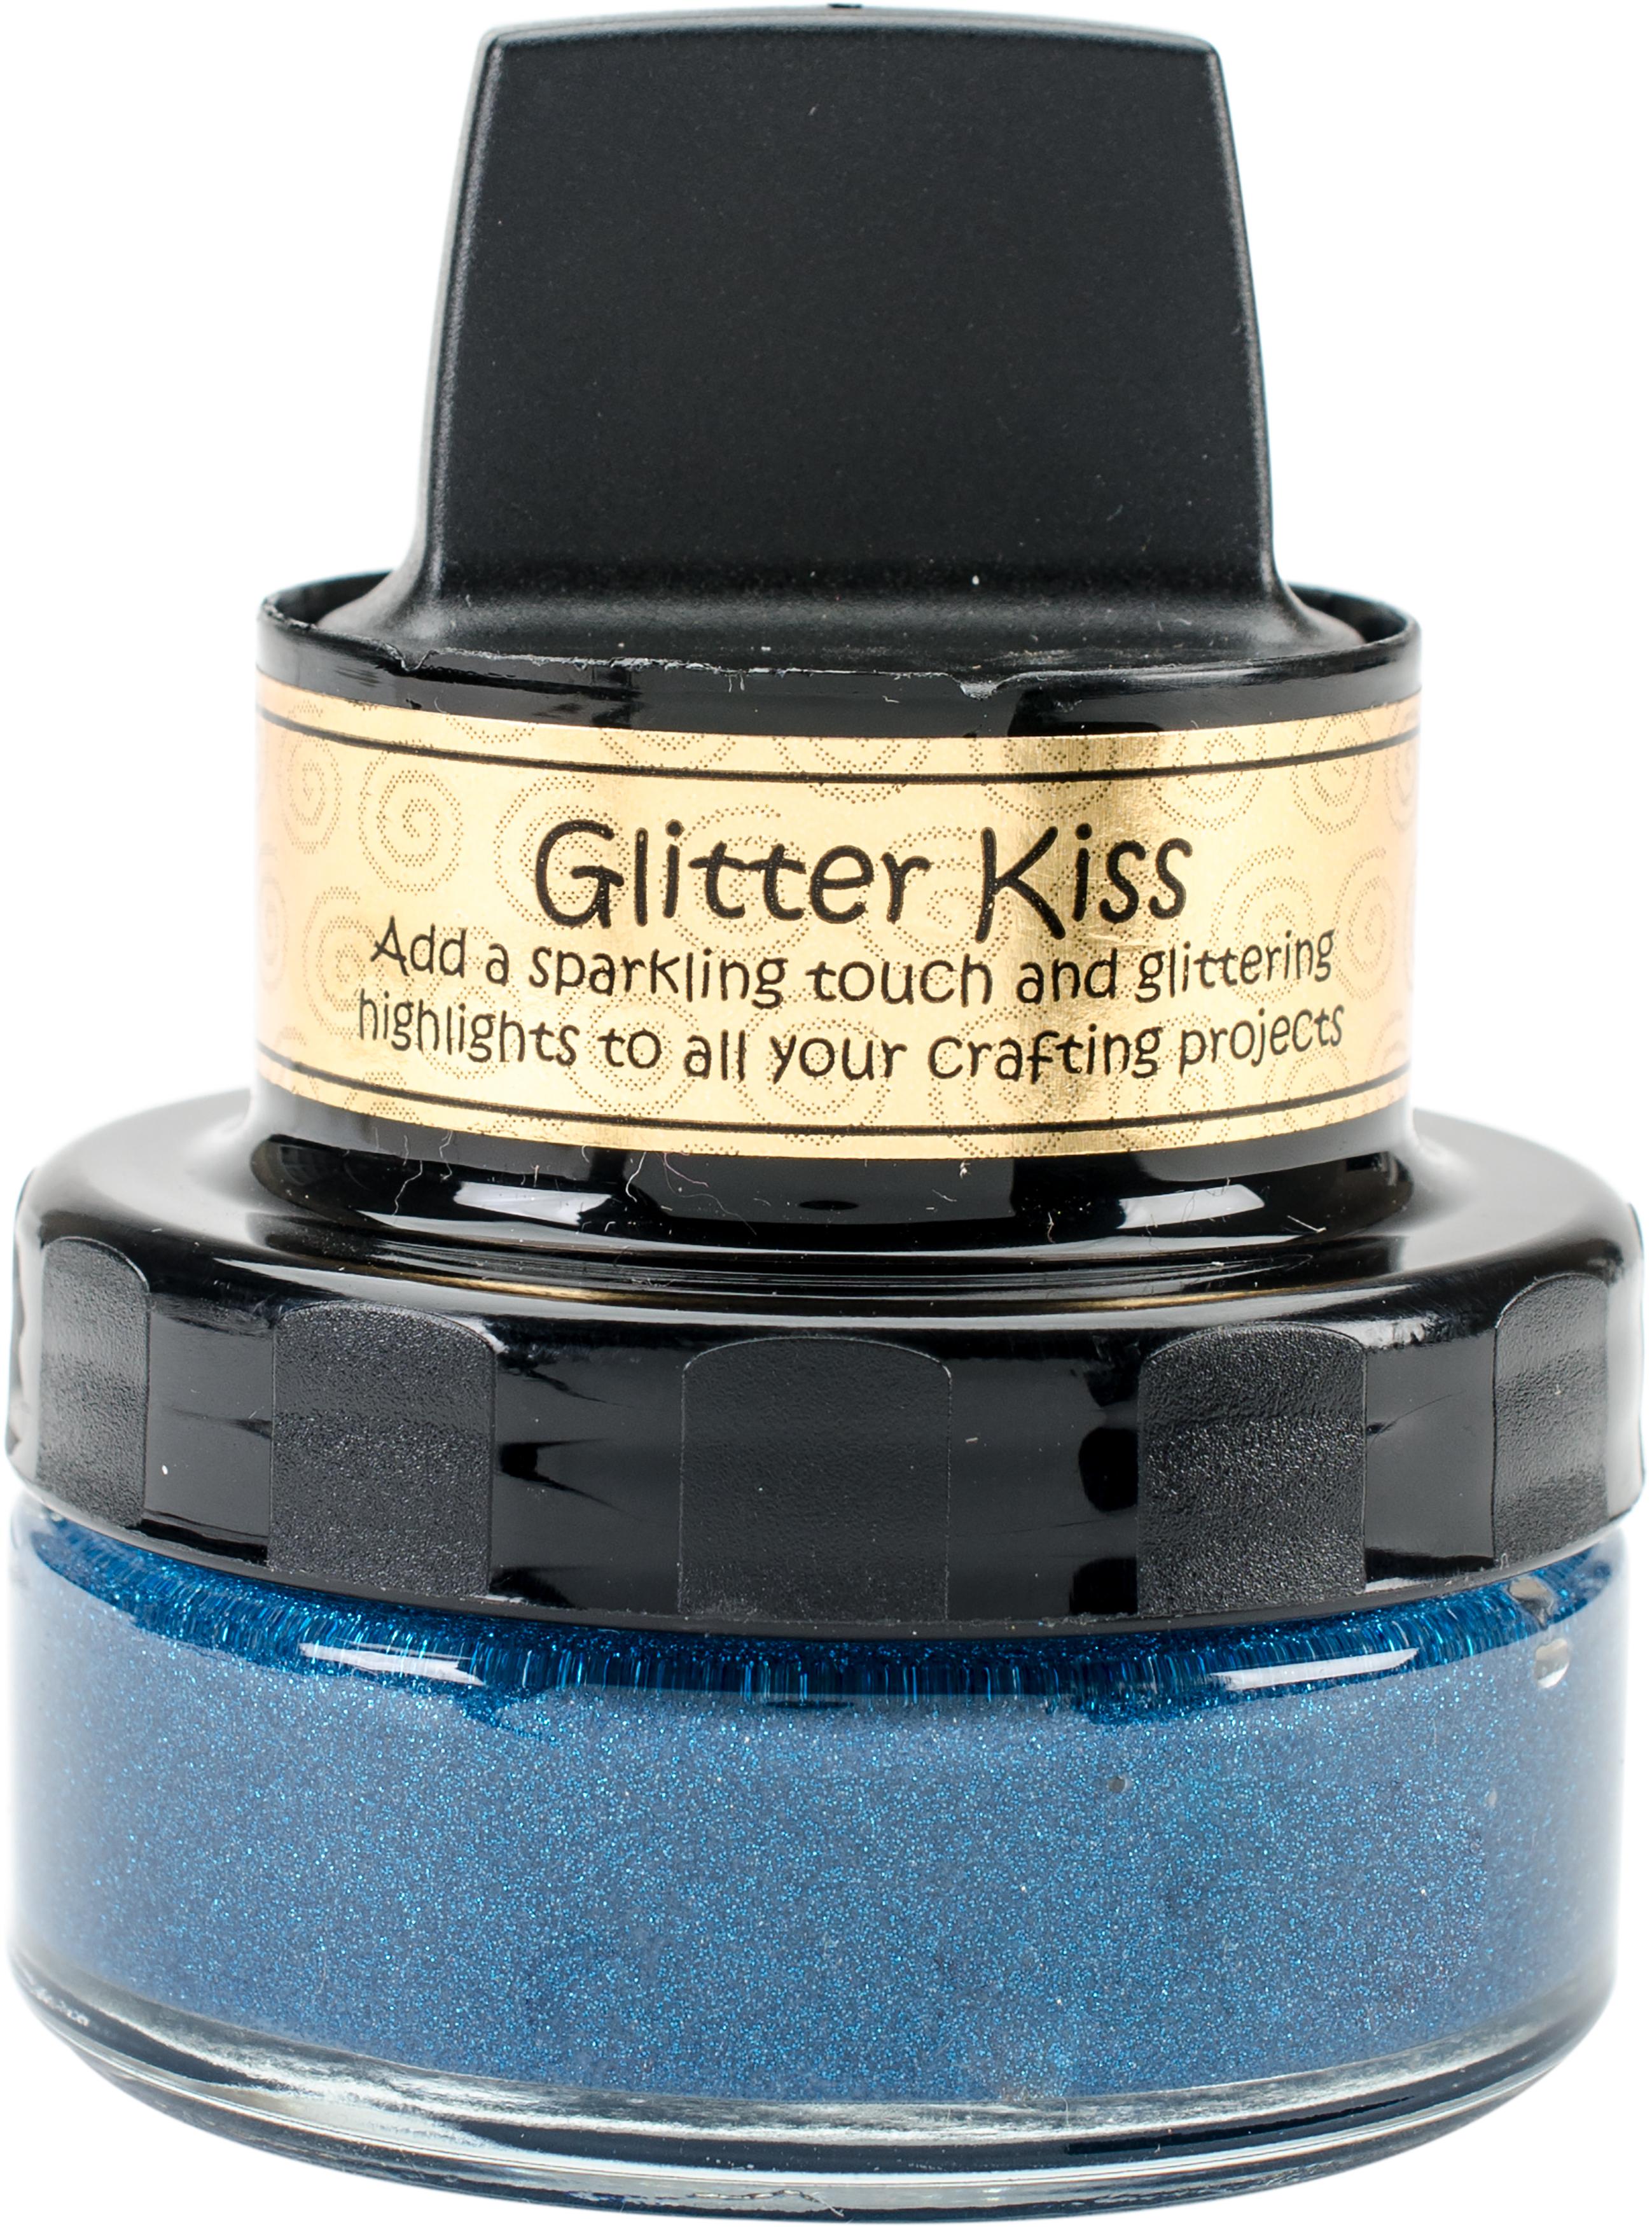 Cosmic Shimmer Glitter Kiss-Blue Teal